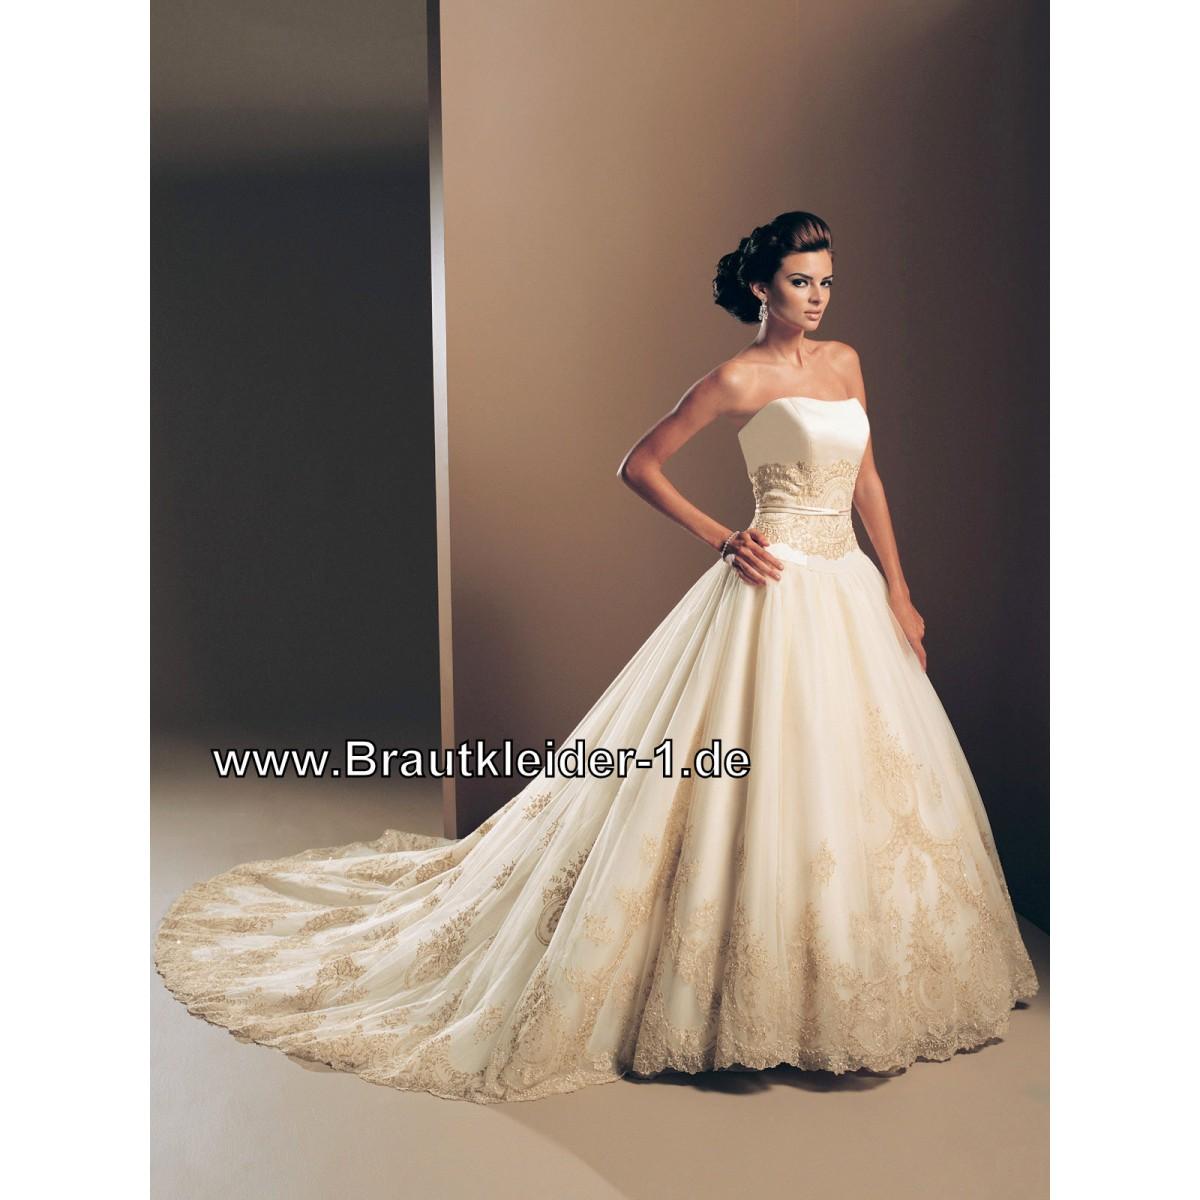 Hochzeitskleid Auf Rechnung : brautkleid mit schleppe auf rechnung ~ Themetempest.com Abrechnung